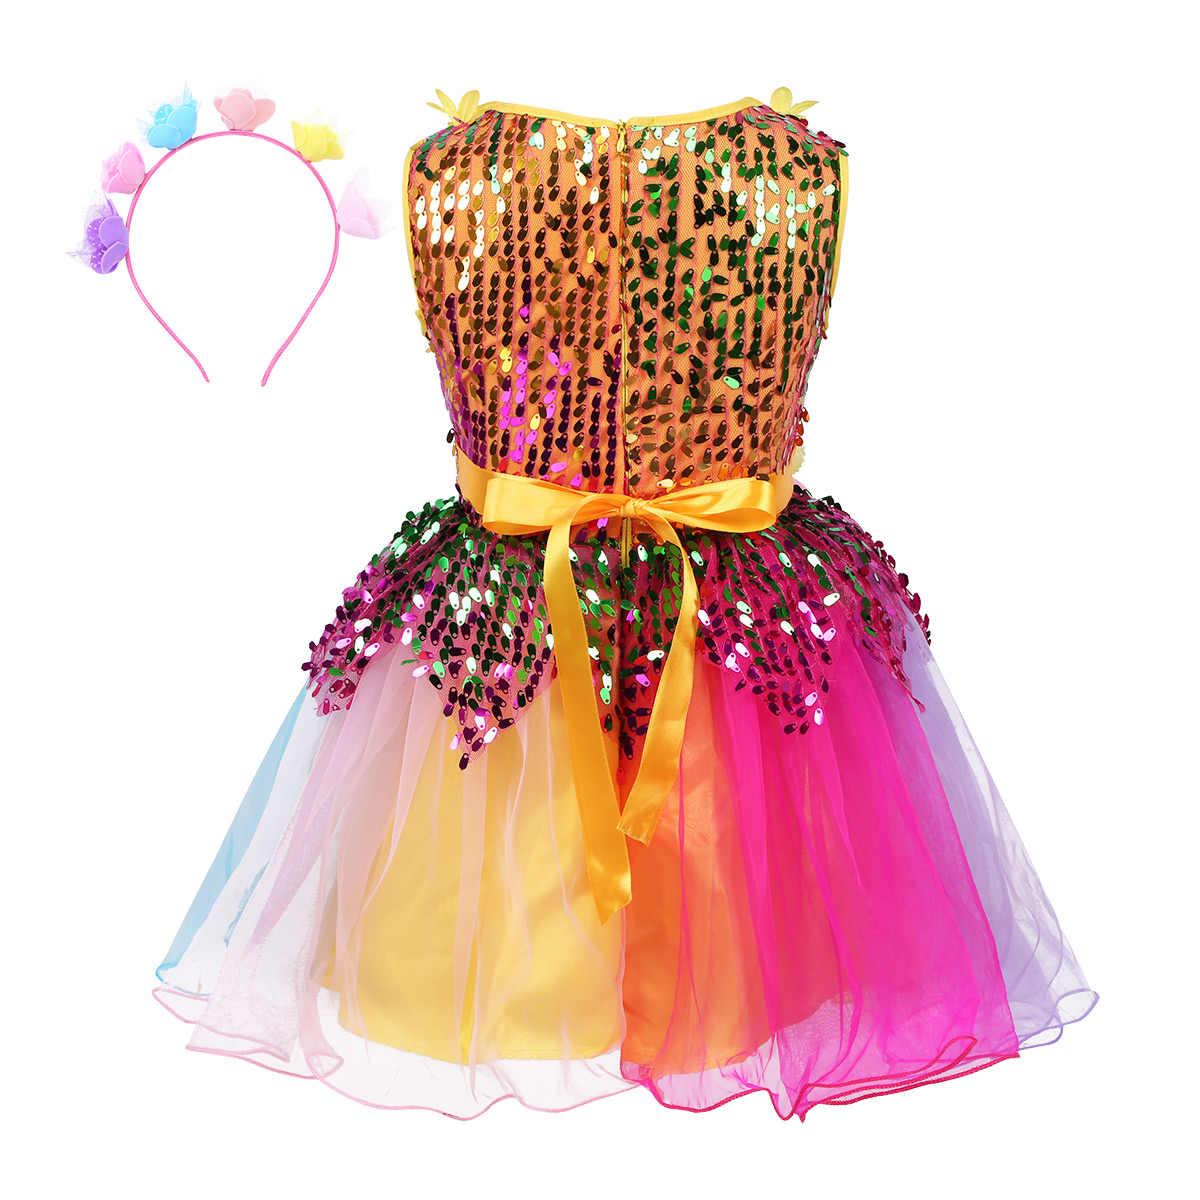 Детское балетное платье-пачка для девочек, Современный Джаз, латинский танец, сценическое детское платье с блестками и цветком, Радужное платье с обручем для волос